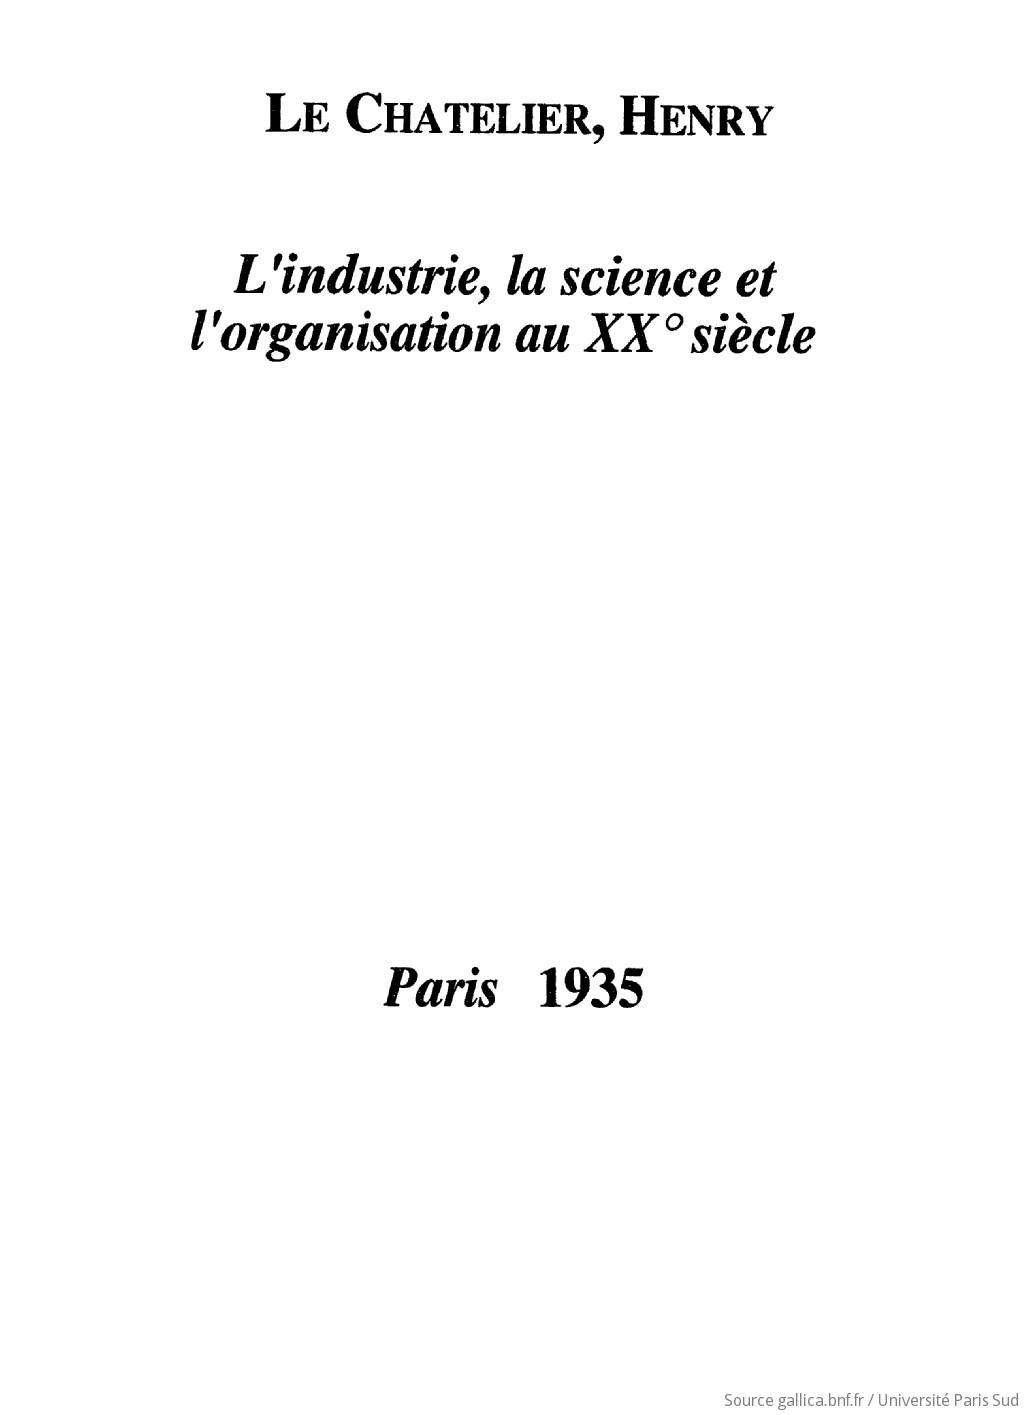 L'industrie, la science et l'organisation au XXe siècle : trois conférences données à l'École sociale d'action familiale du Moulin-Vert